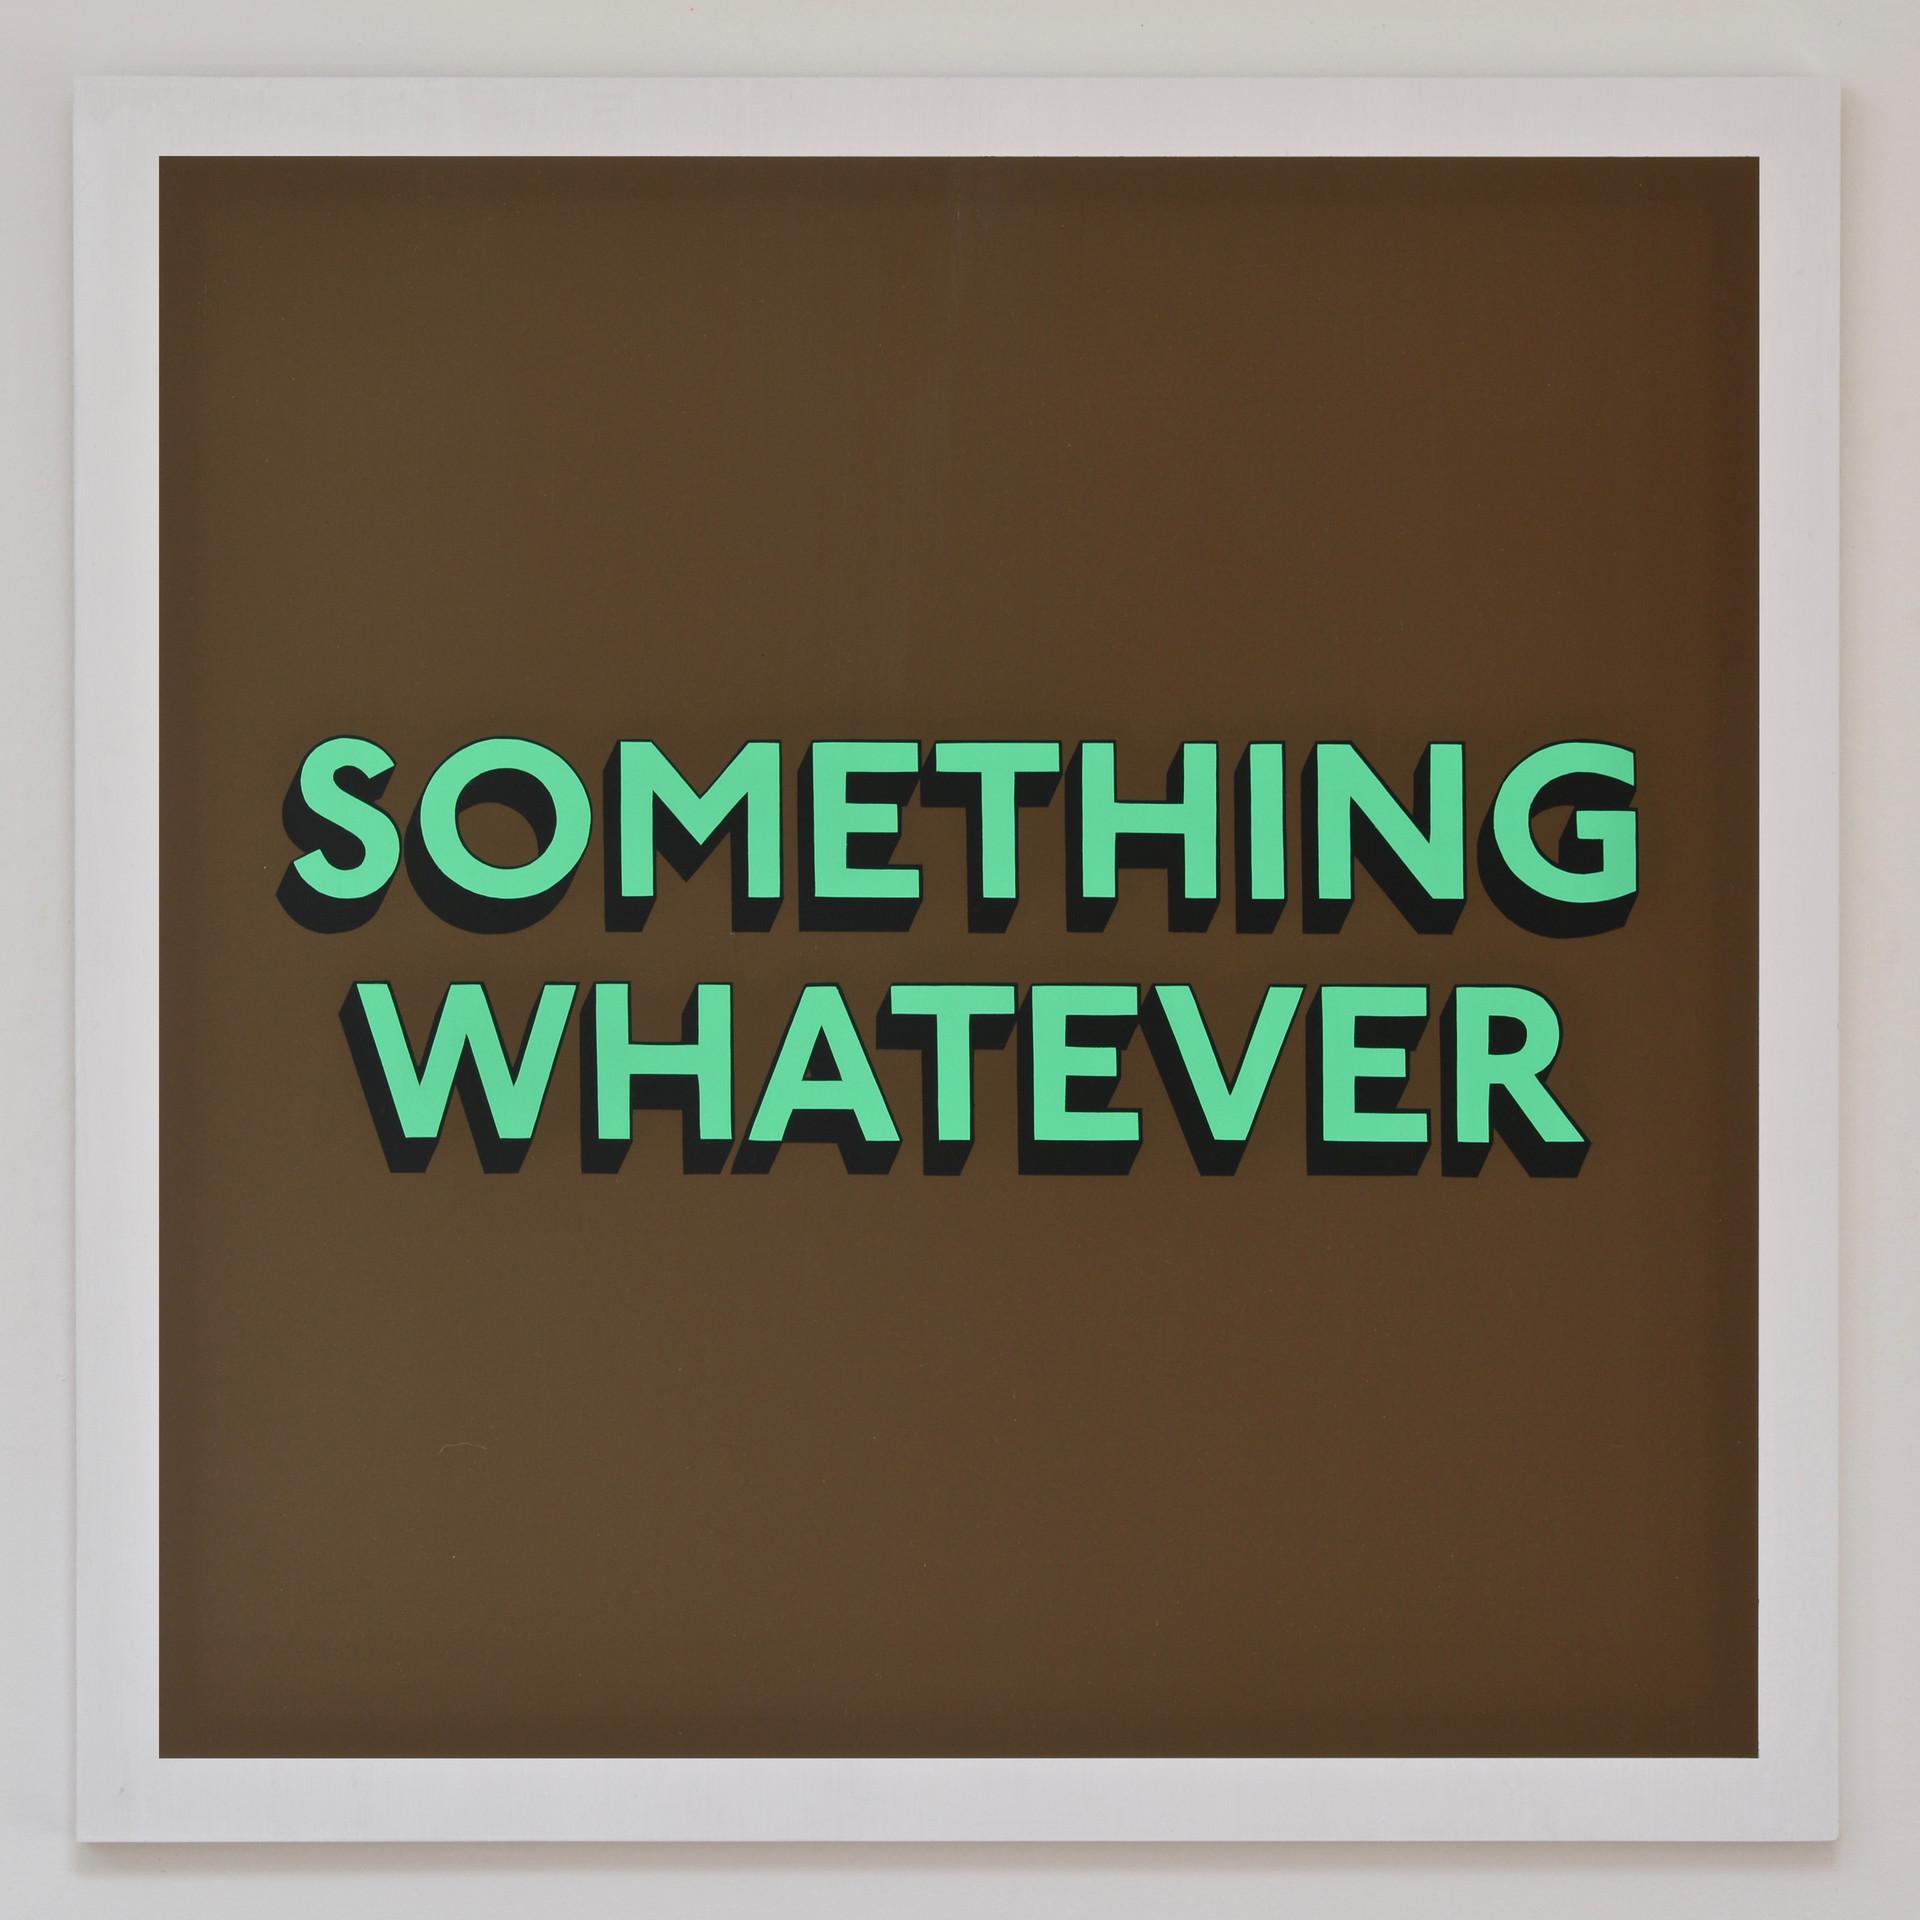 SOMETHING_WHATEVER.jpg